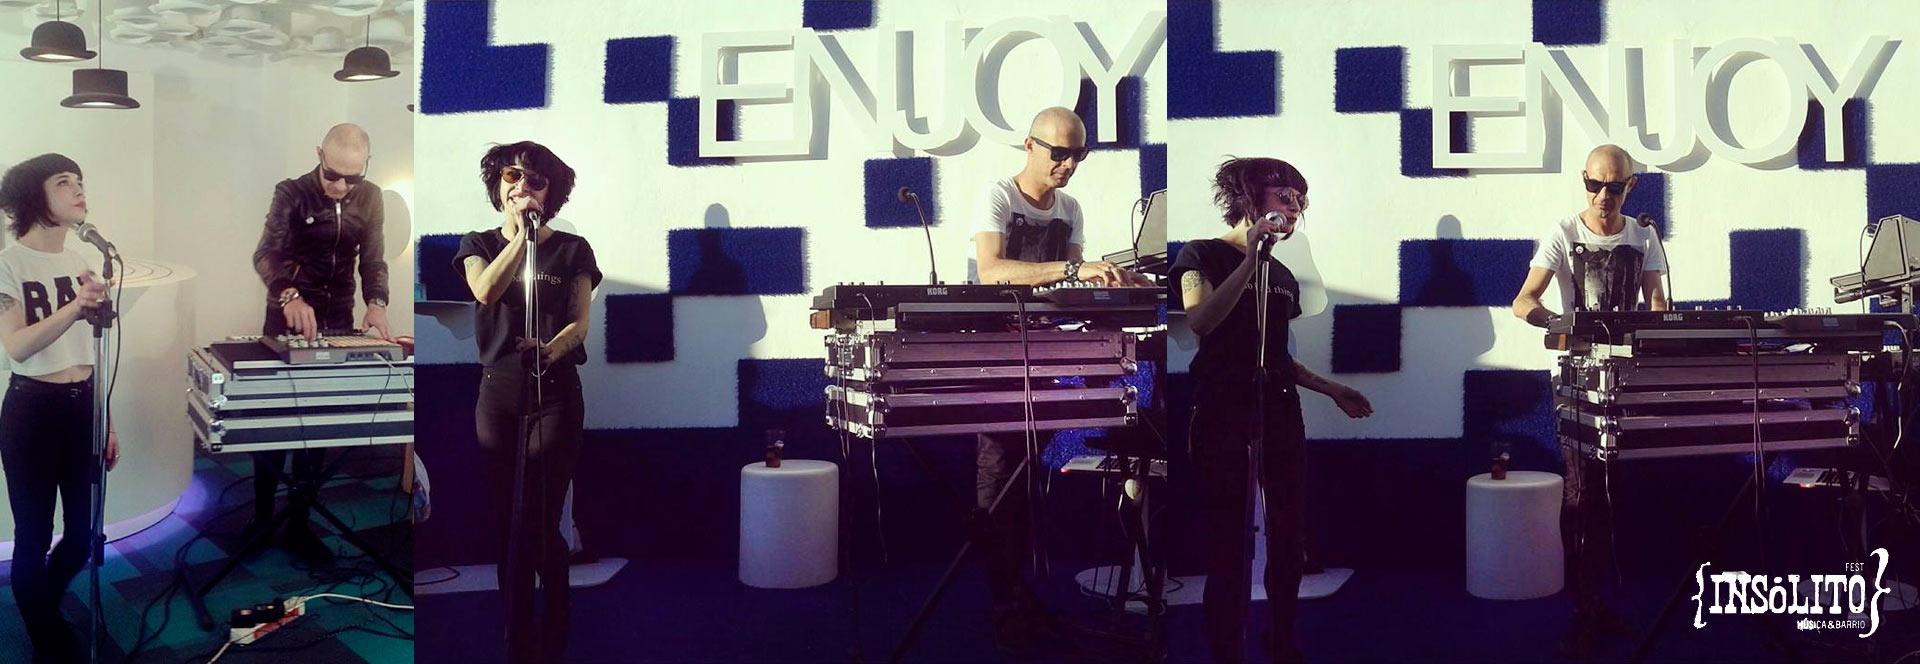 Concierto de We Are Robots. Insólito Festival. Música & Barrio_ Marquis Urban